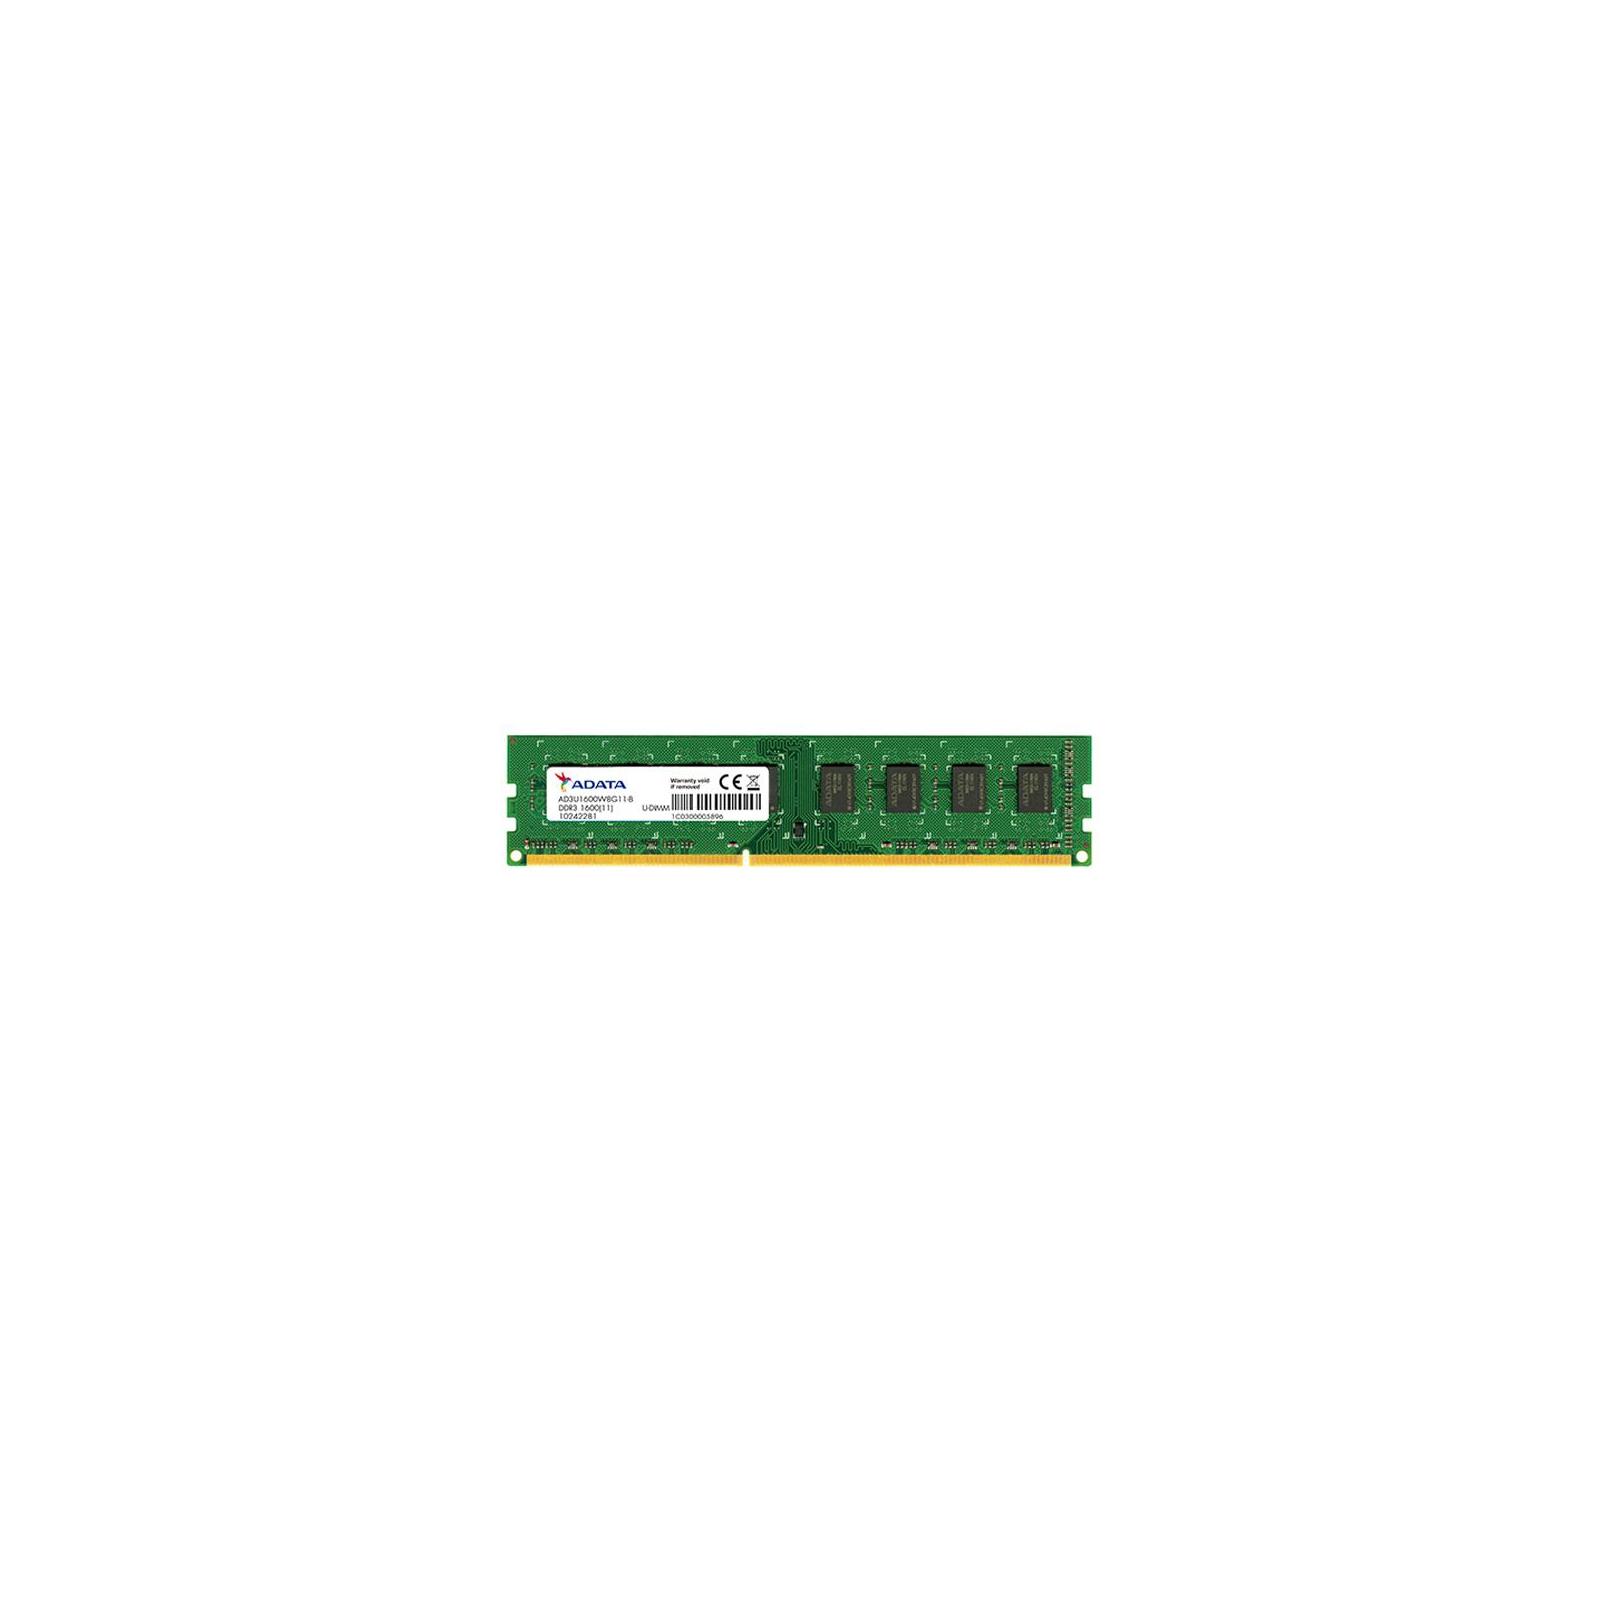 Модуль памяти для компьютера DDR3 2GB 1600 MHz ADATA (AD3U1600C2G11-S)